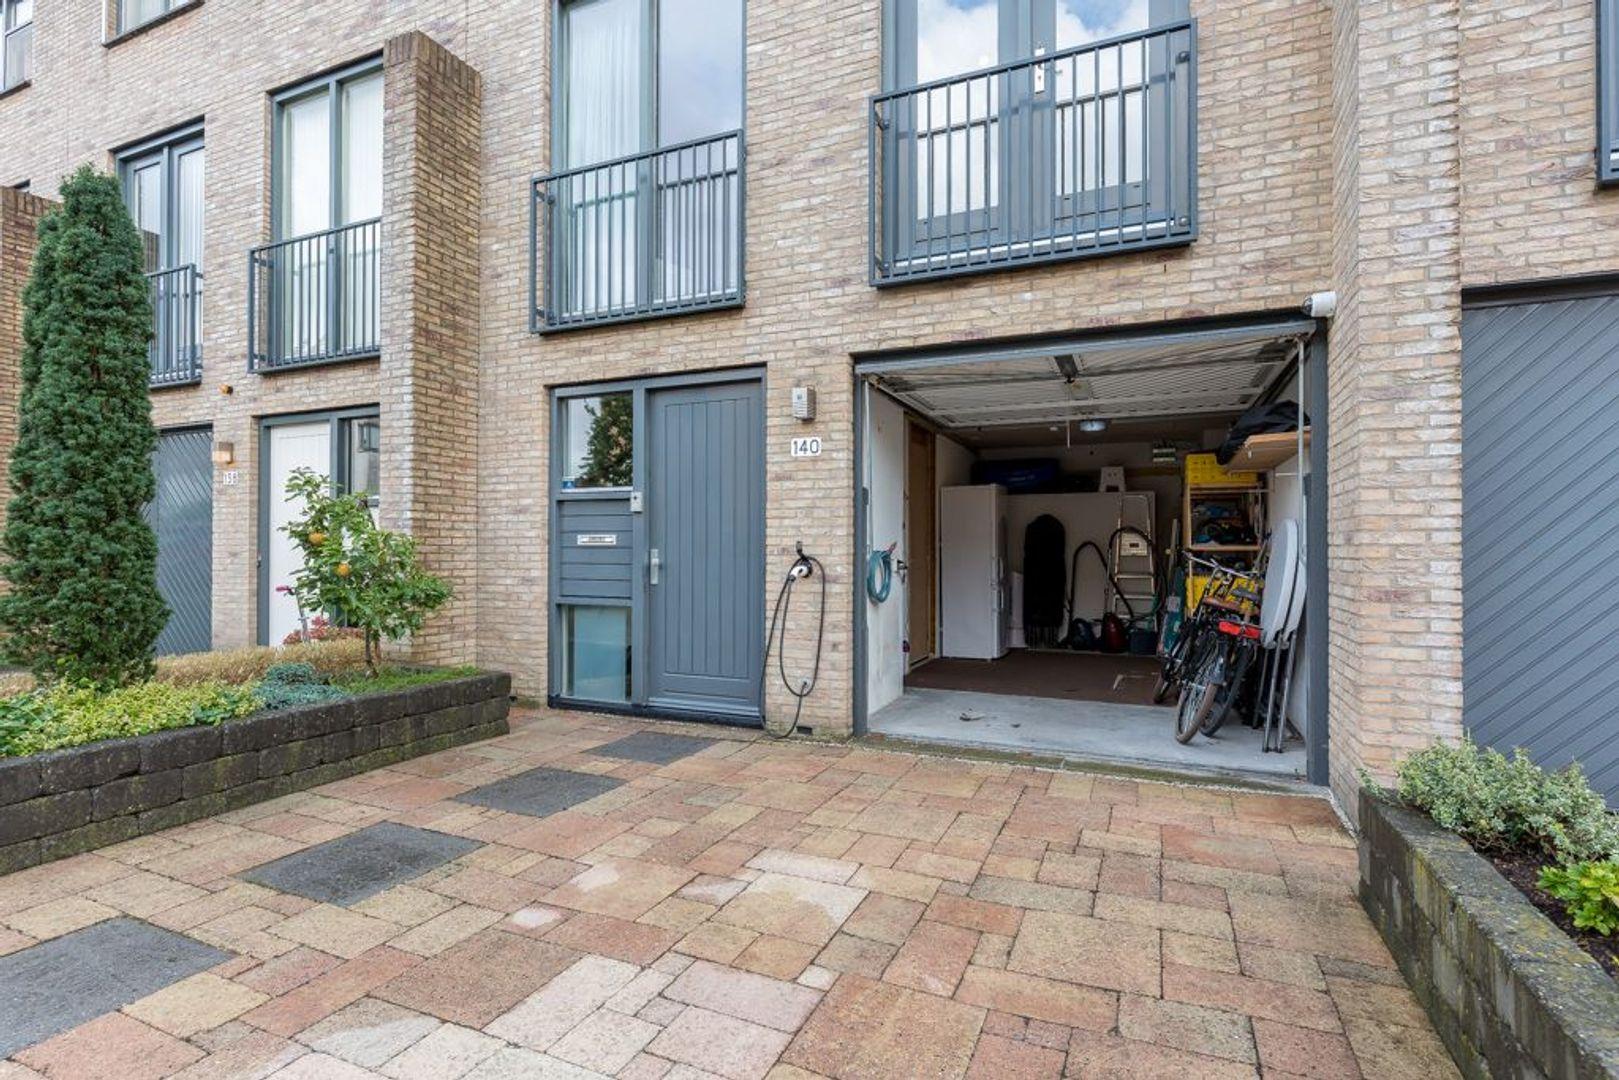 Schuddebeursstraat 140, Zoetermeer foto-29